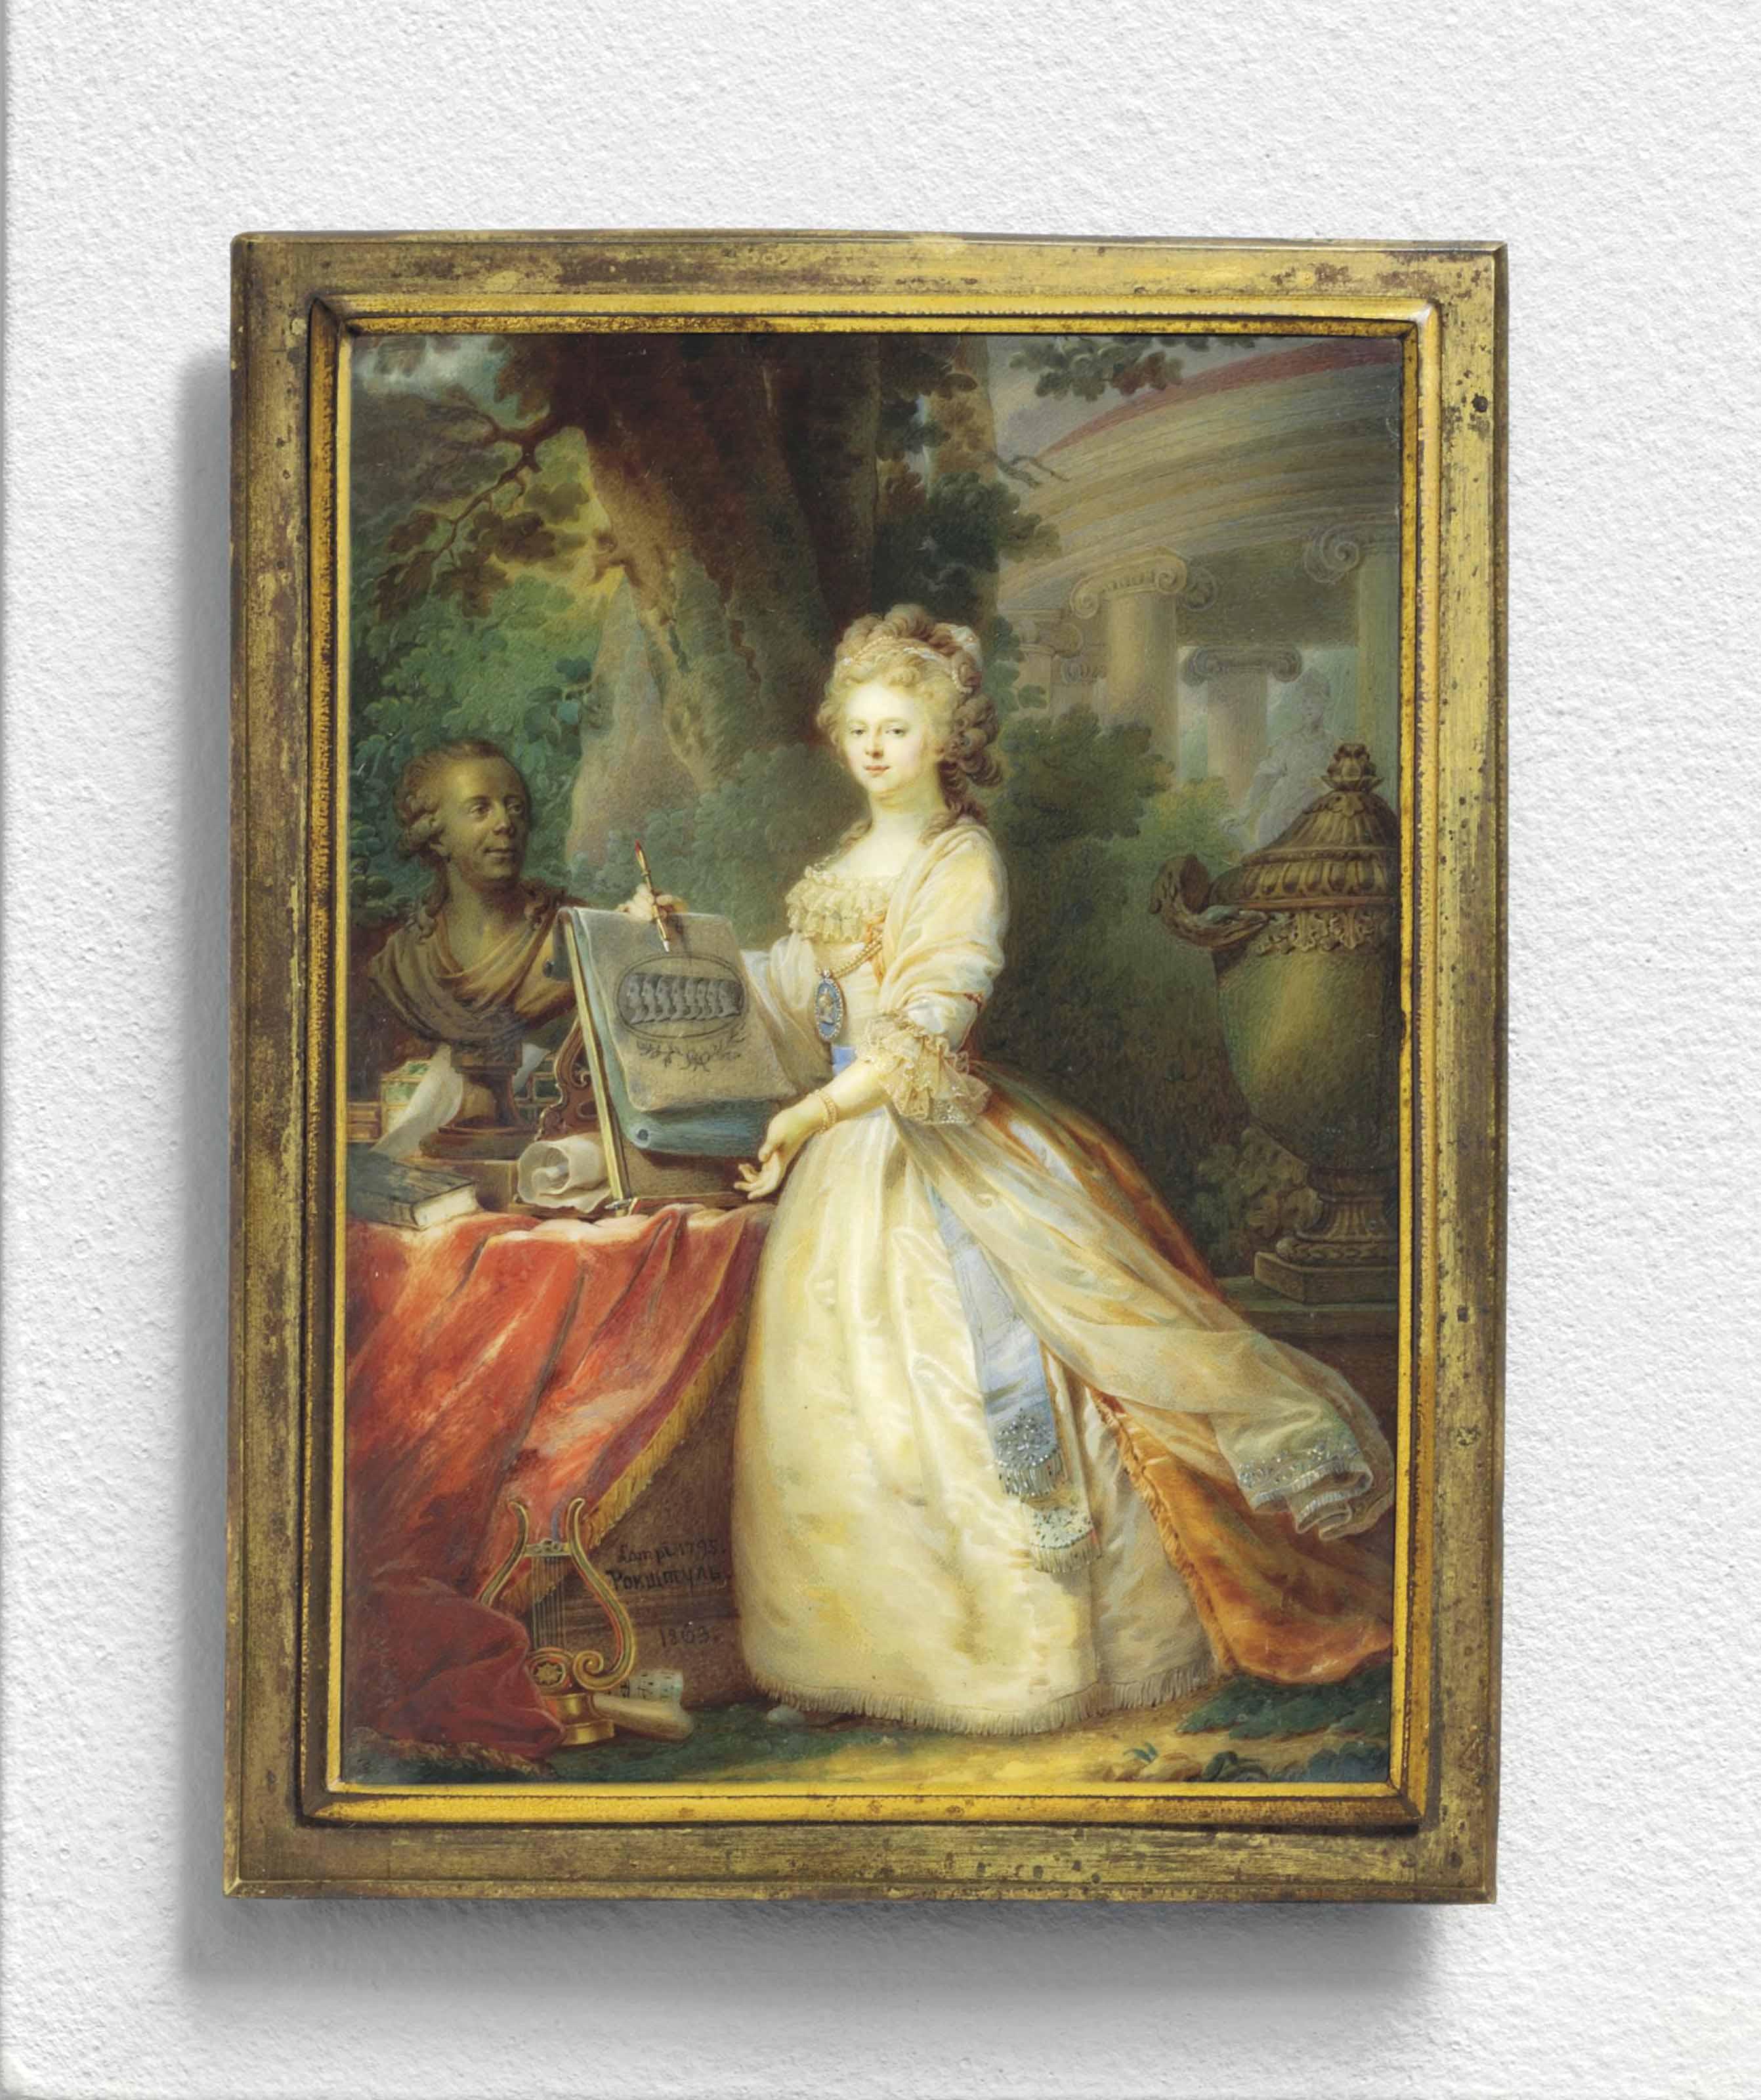 ALOIS GUSTAV ROCKSTUHL (RUSSIAN, 1798-1877) AFTER GIOVANNI BATTISTA LAMPI (ITALIAN, 1751-1830)